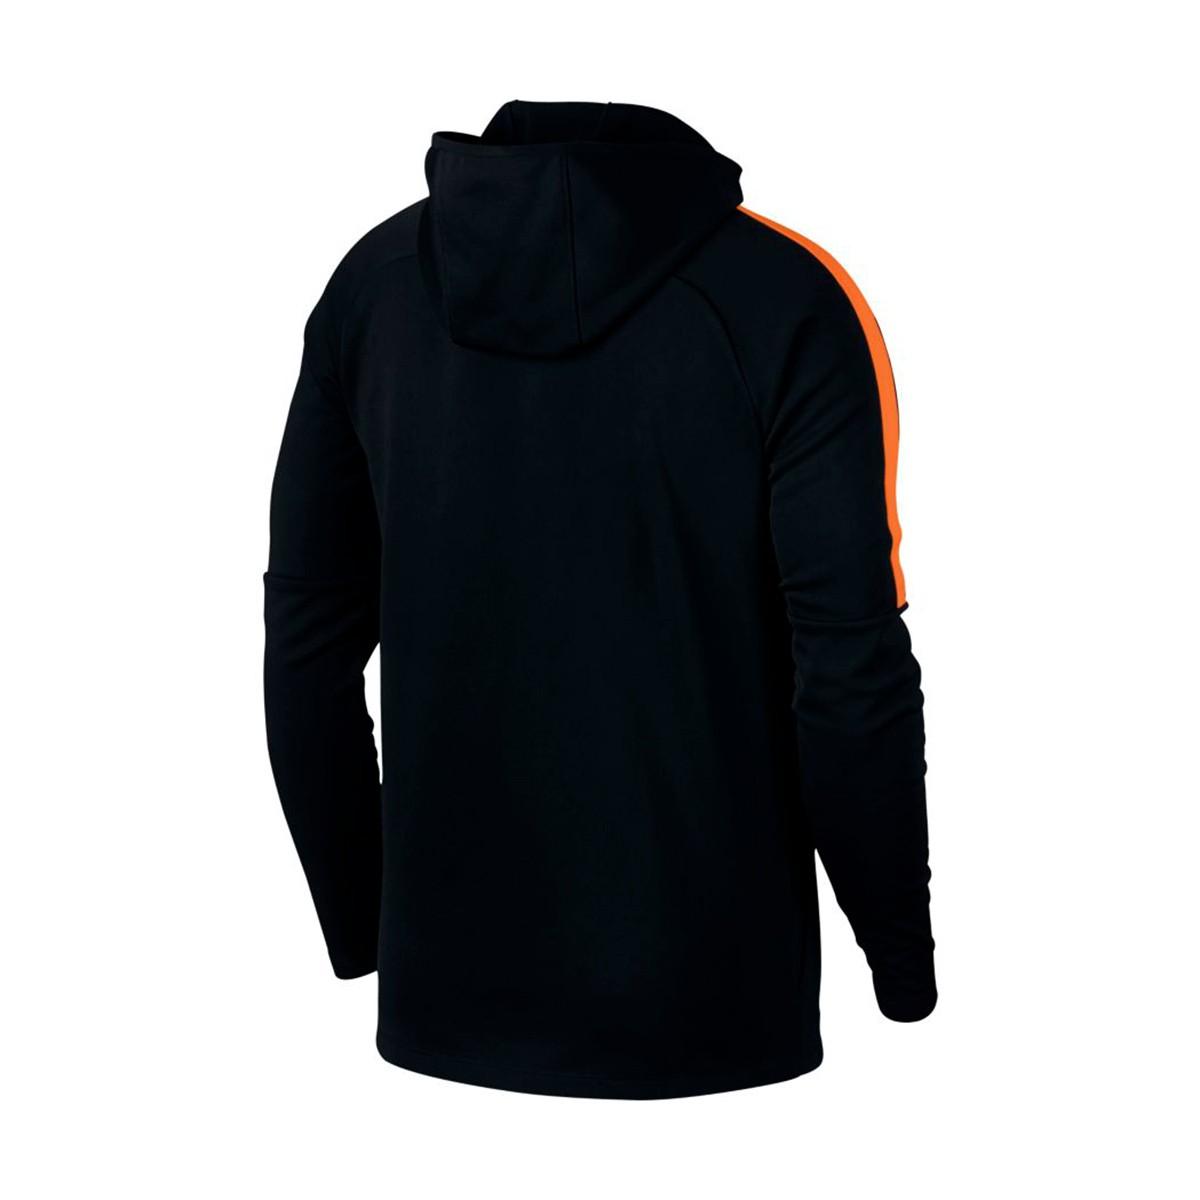 Sweatshirt Nike Dry Academy Hoodie Black-Cone - Football store ... 01e3c635b9170